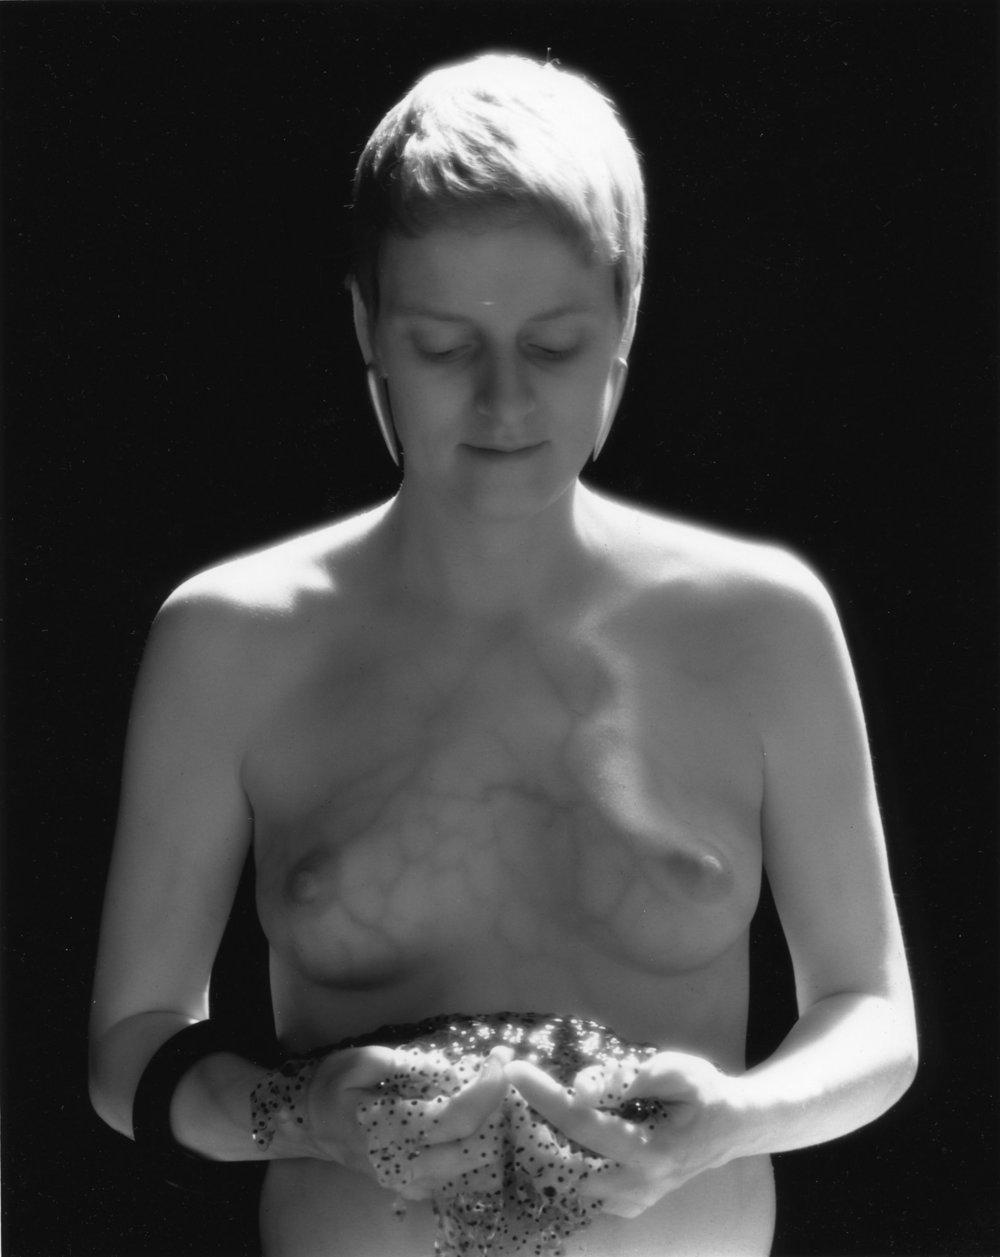 widmertheodoridis_Simone Kappeler_Froschlaich, 11.4.1992, 50x40cm.jpg